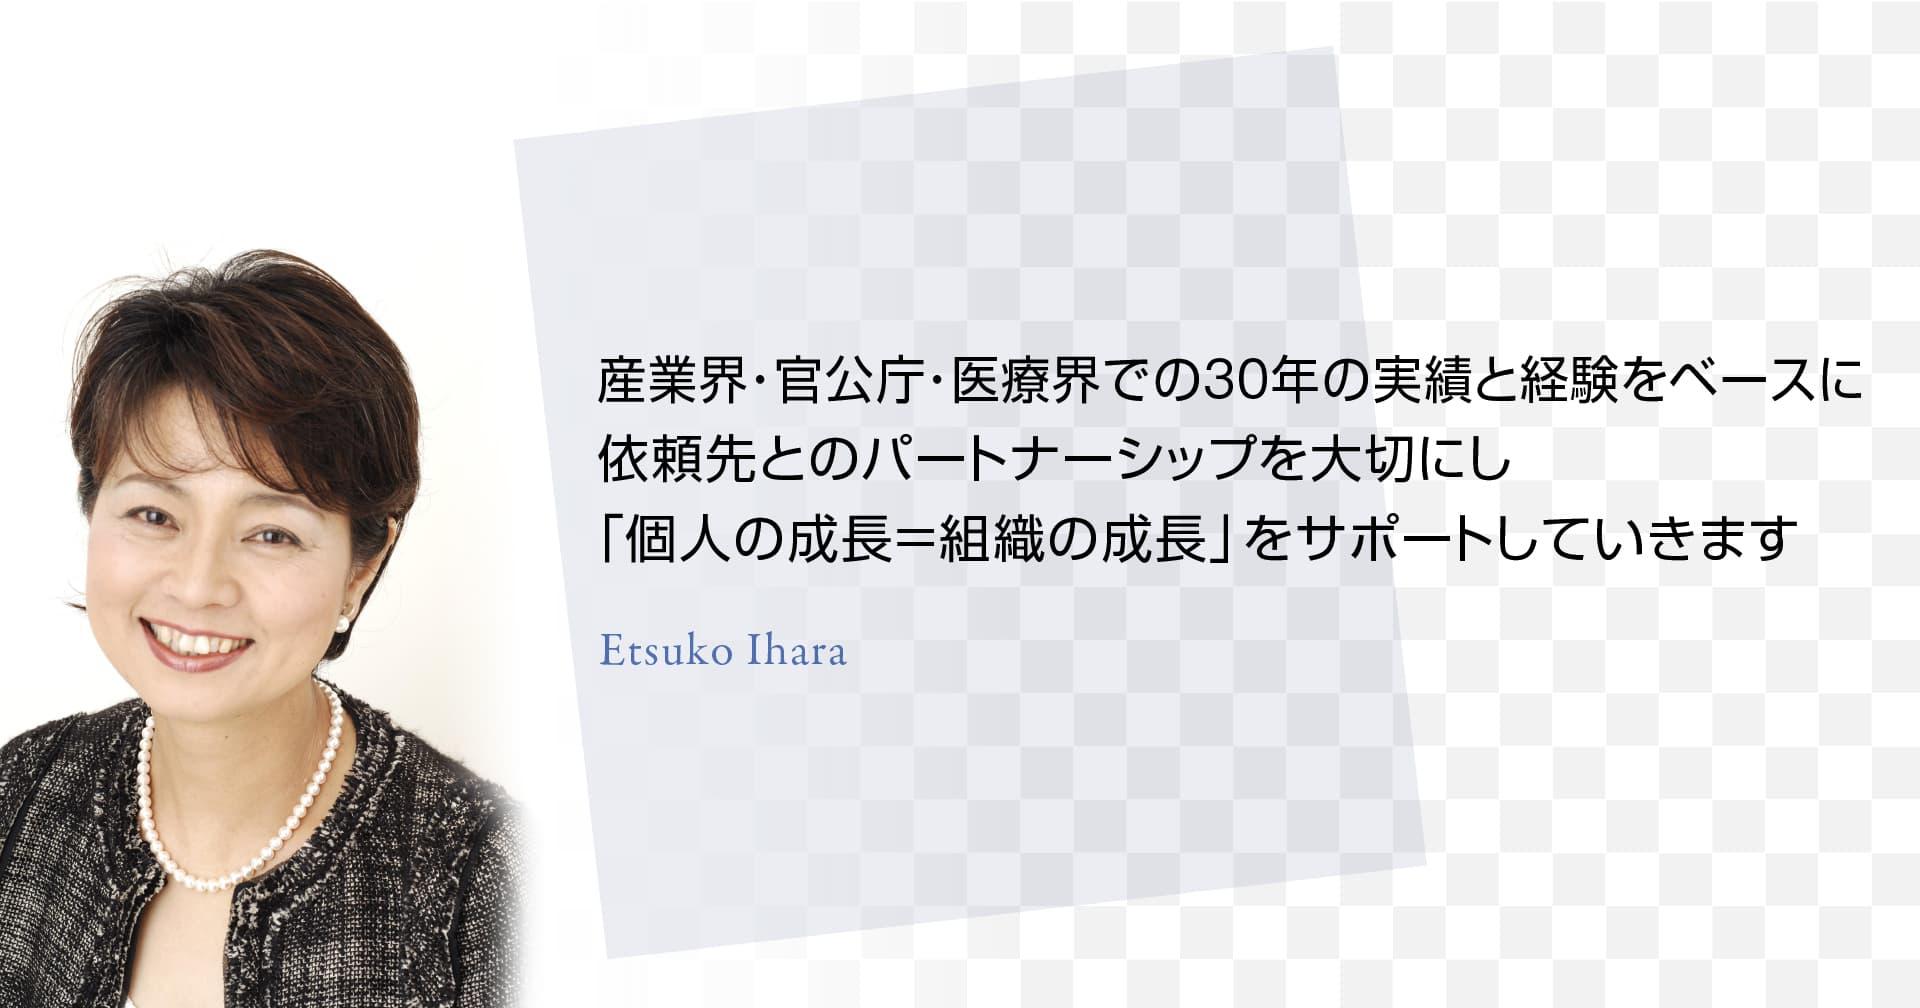 井原恵津子